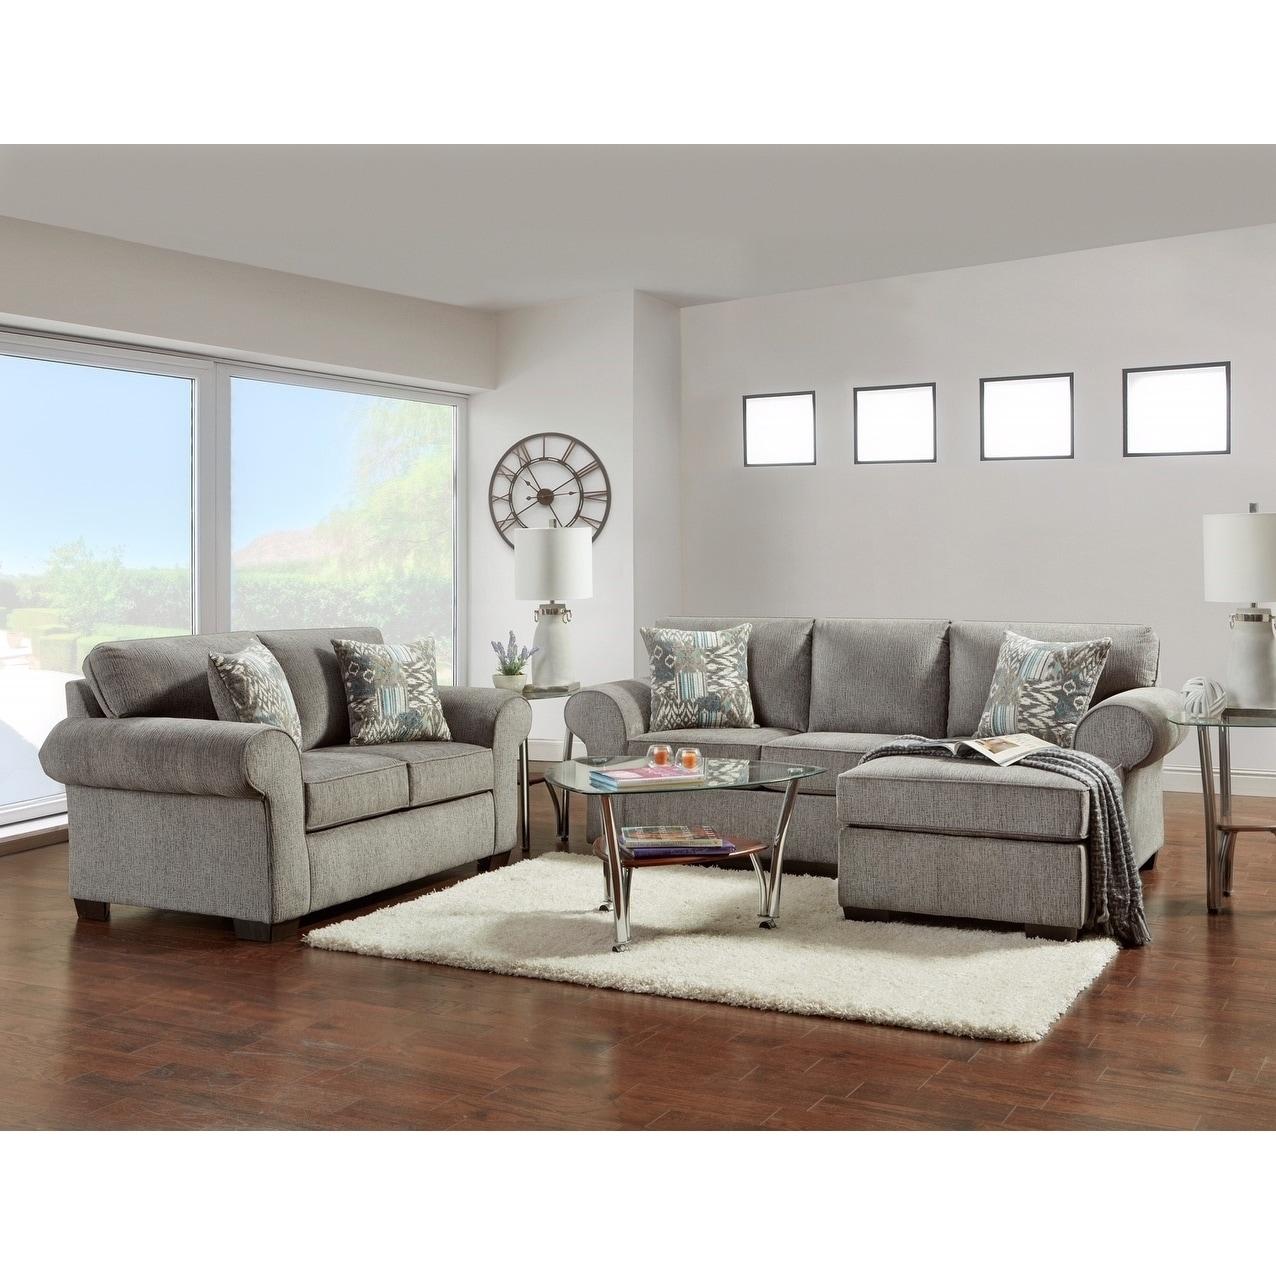 Shop Sofatrendz Claire Nickel Grey Sofa Chaise Loveseat Set Free